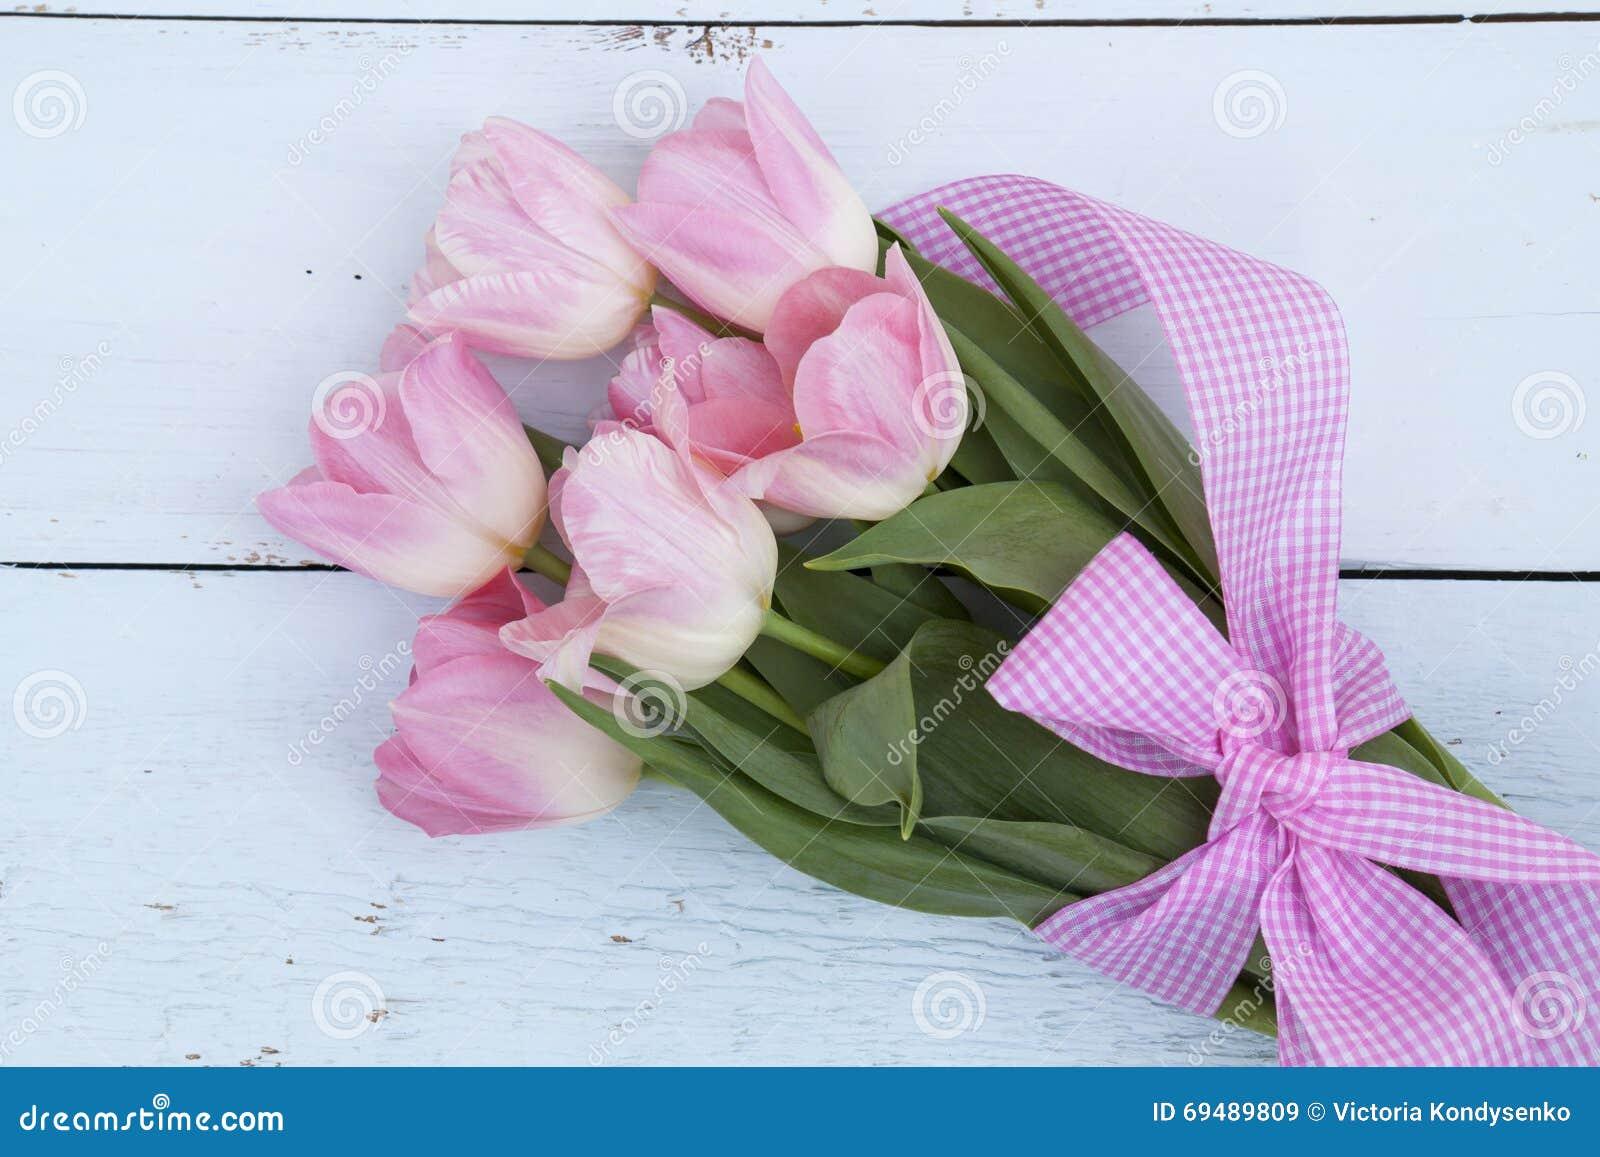 sch ner blumenstrau der rosafarbenen tulpen stockfoto bild 69489809. Black Bedroom Furniture Sets. Home Design Ideas